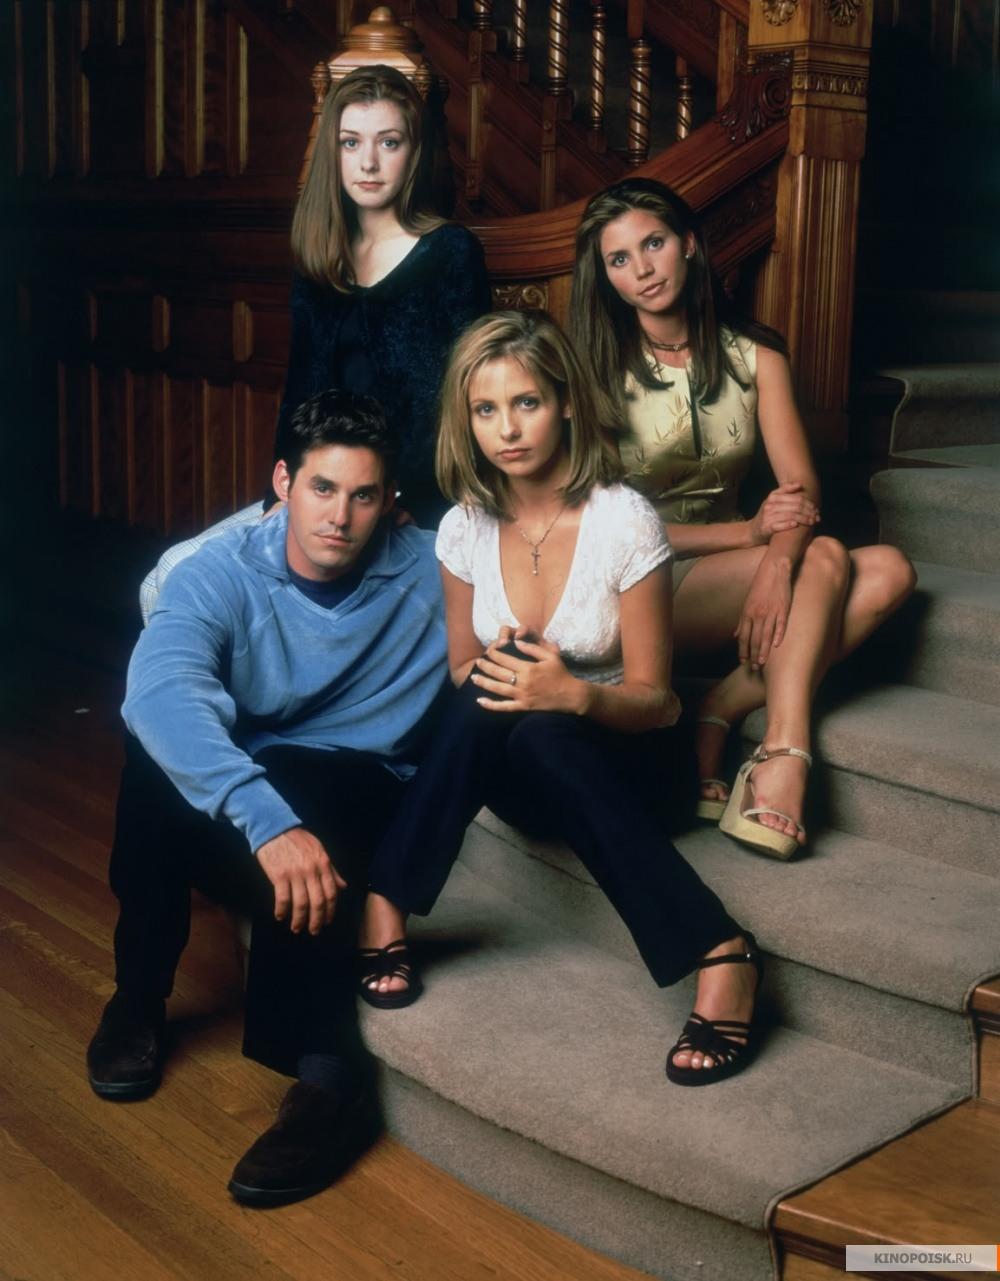 http://st.kinopoisk.ru/im/kadr/1/0/1/kinopoisk.ru-Buffy-the-Vampire-Slayer-1016541.jpg